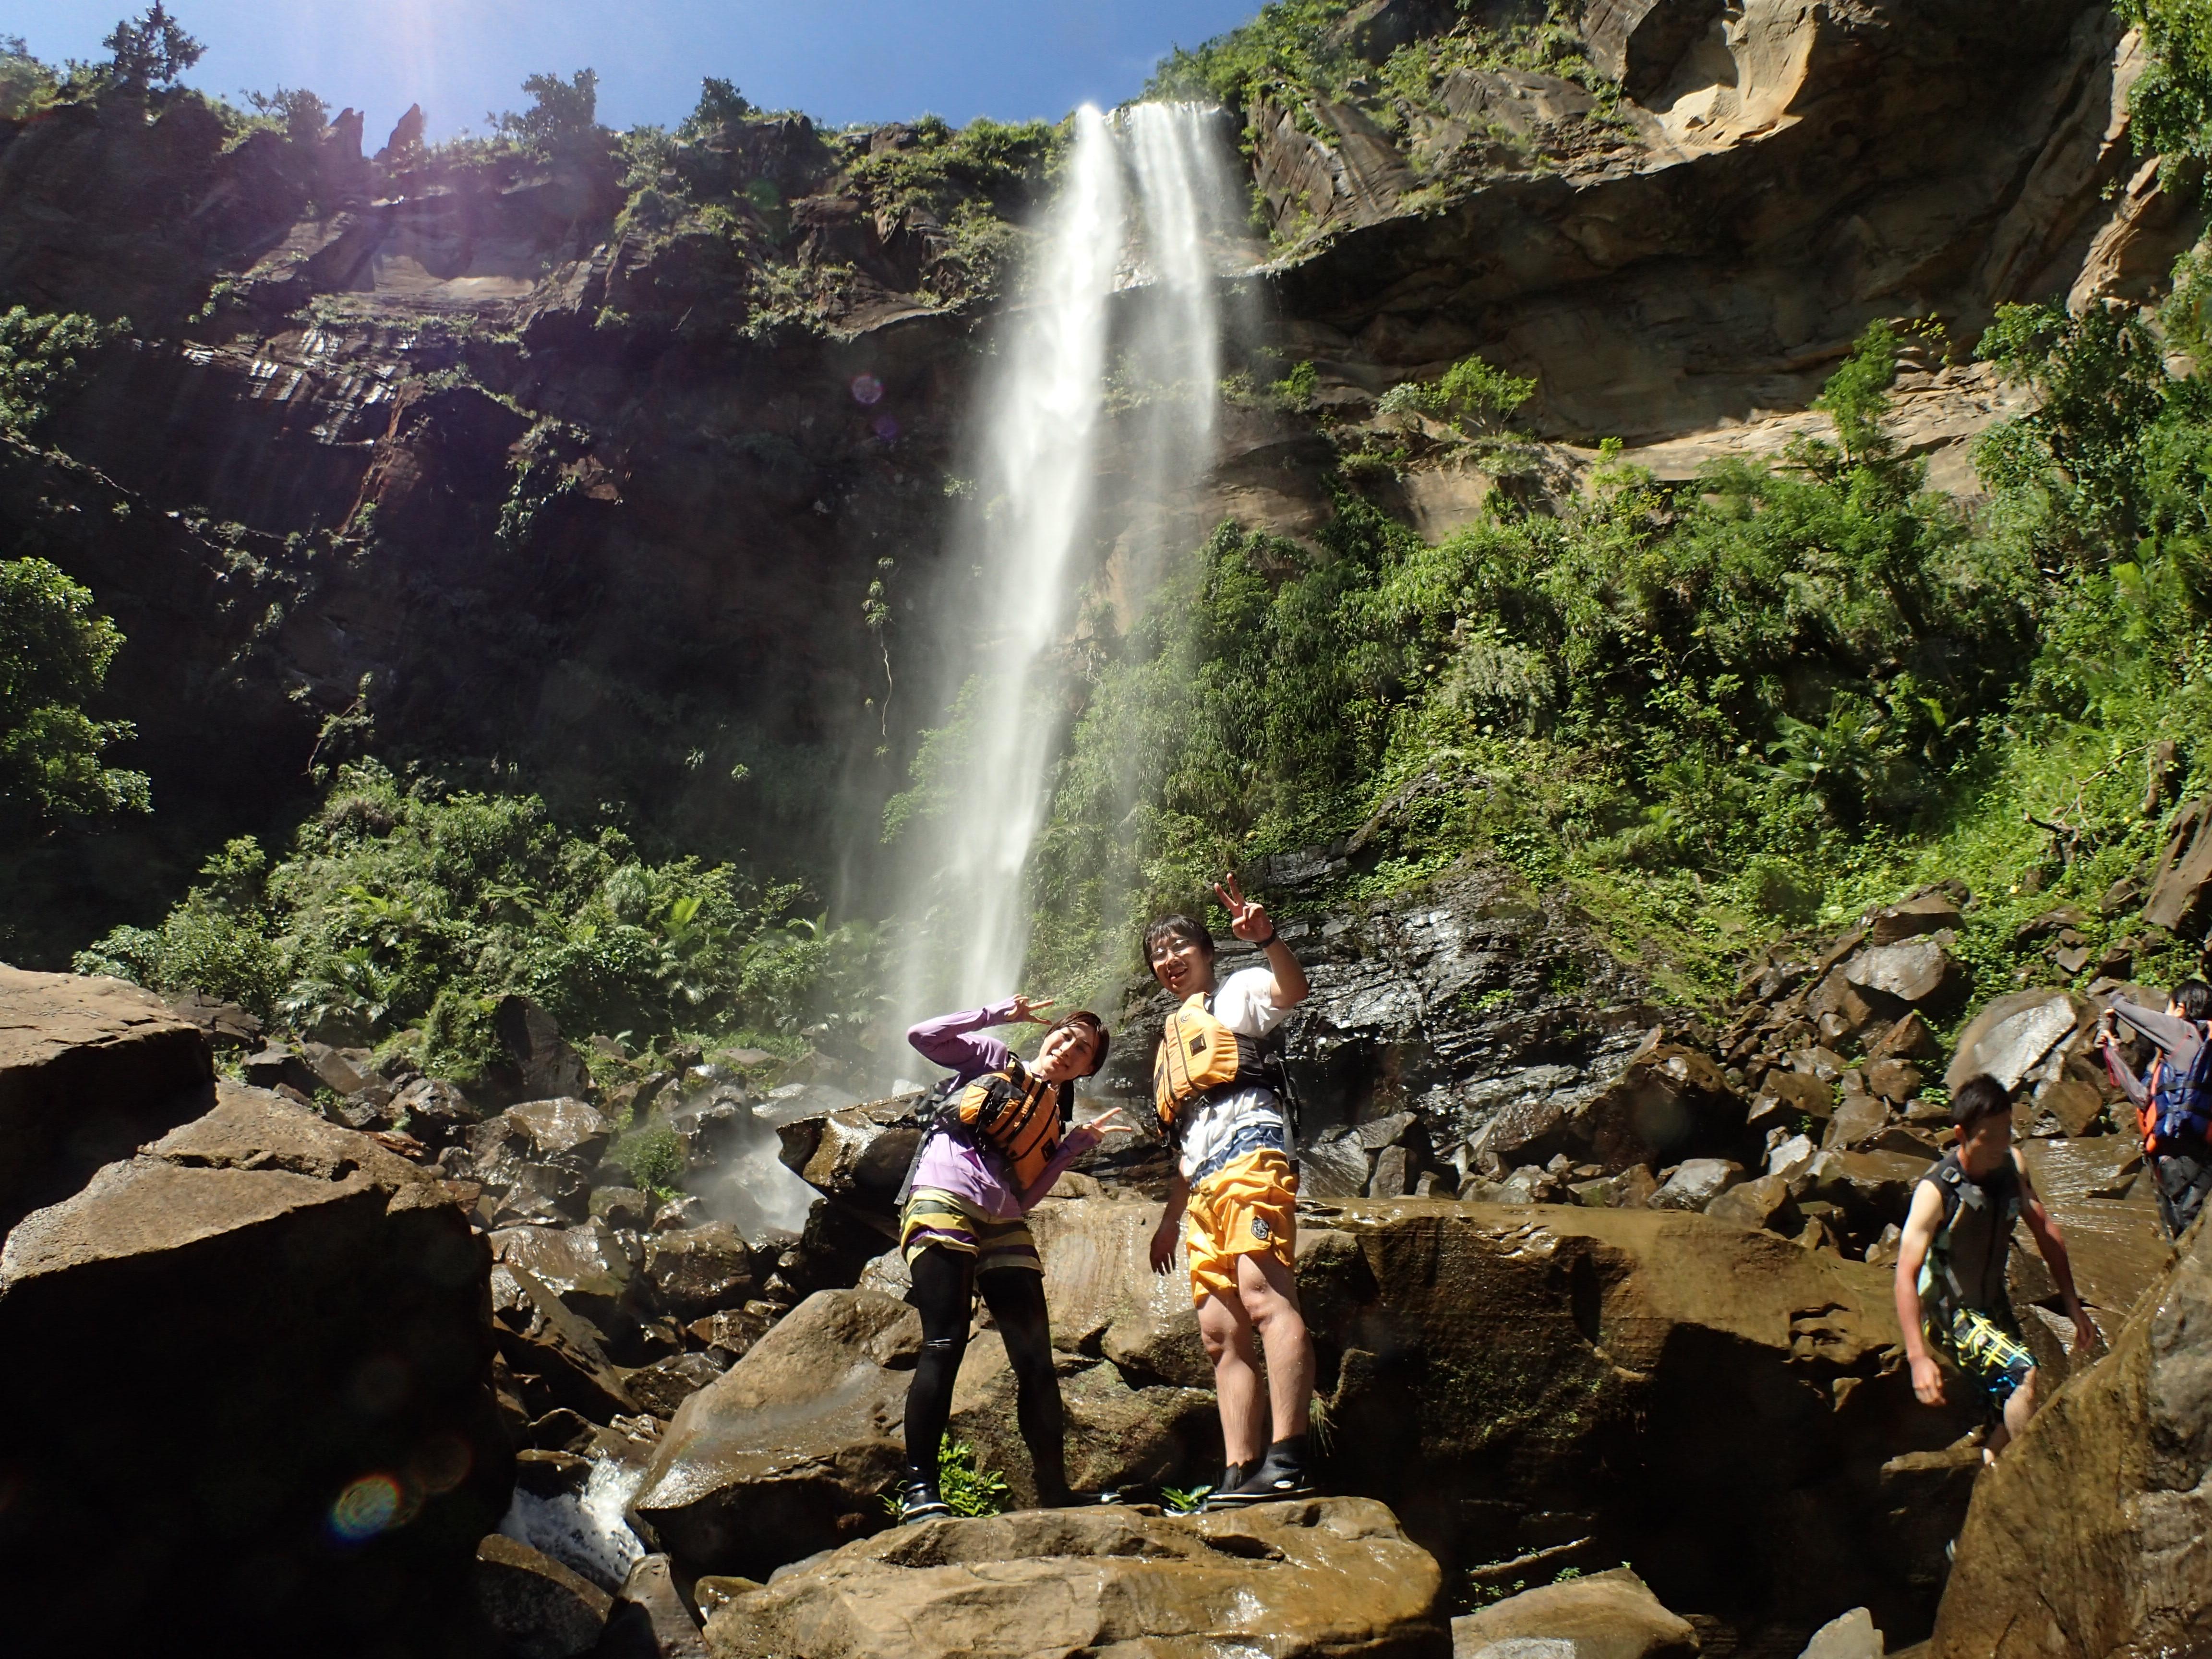 ピナイサーラの滝の前で一枚